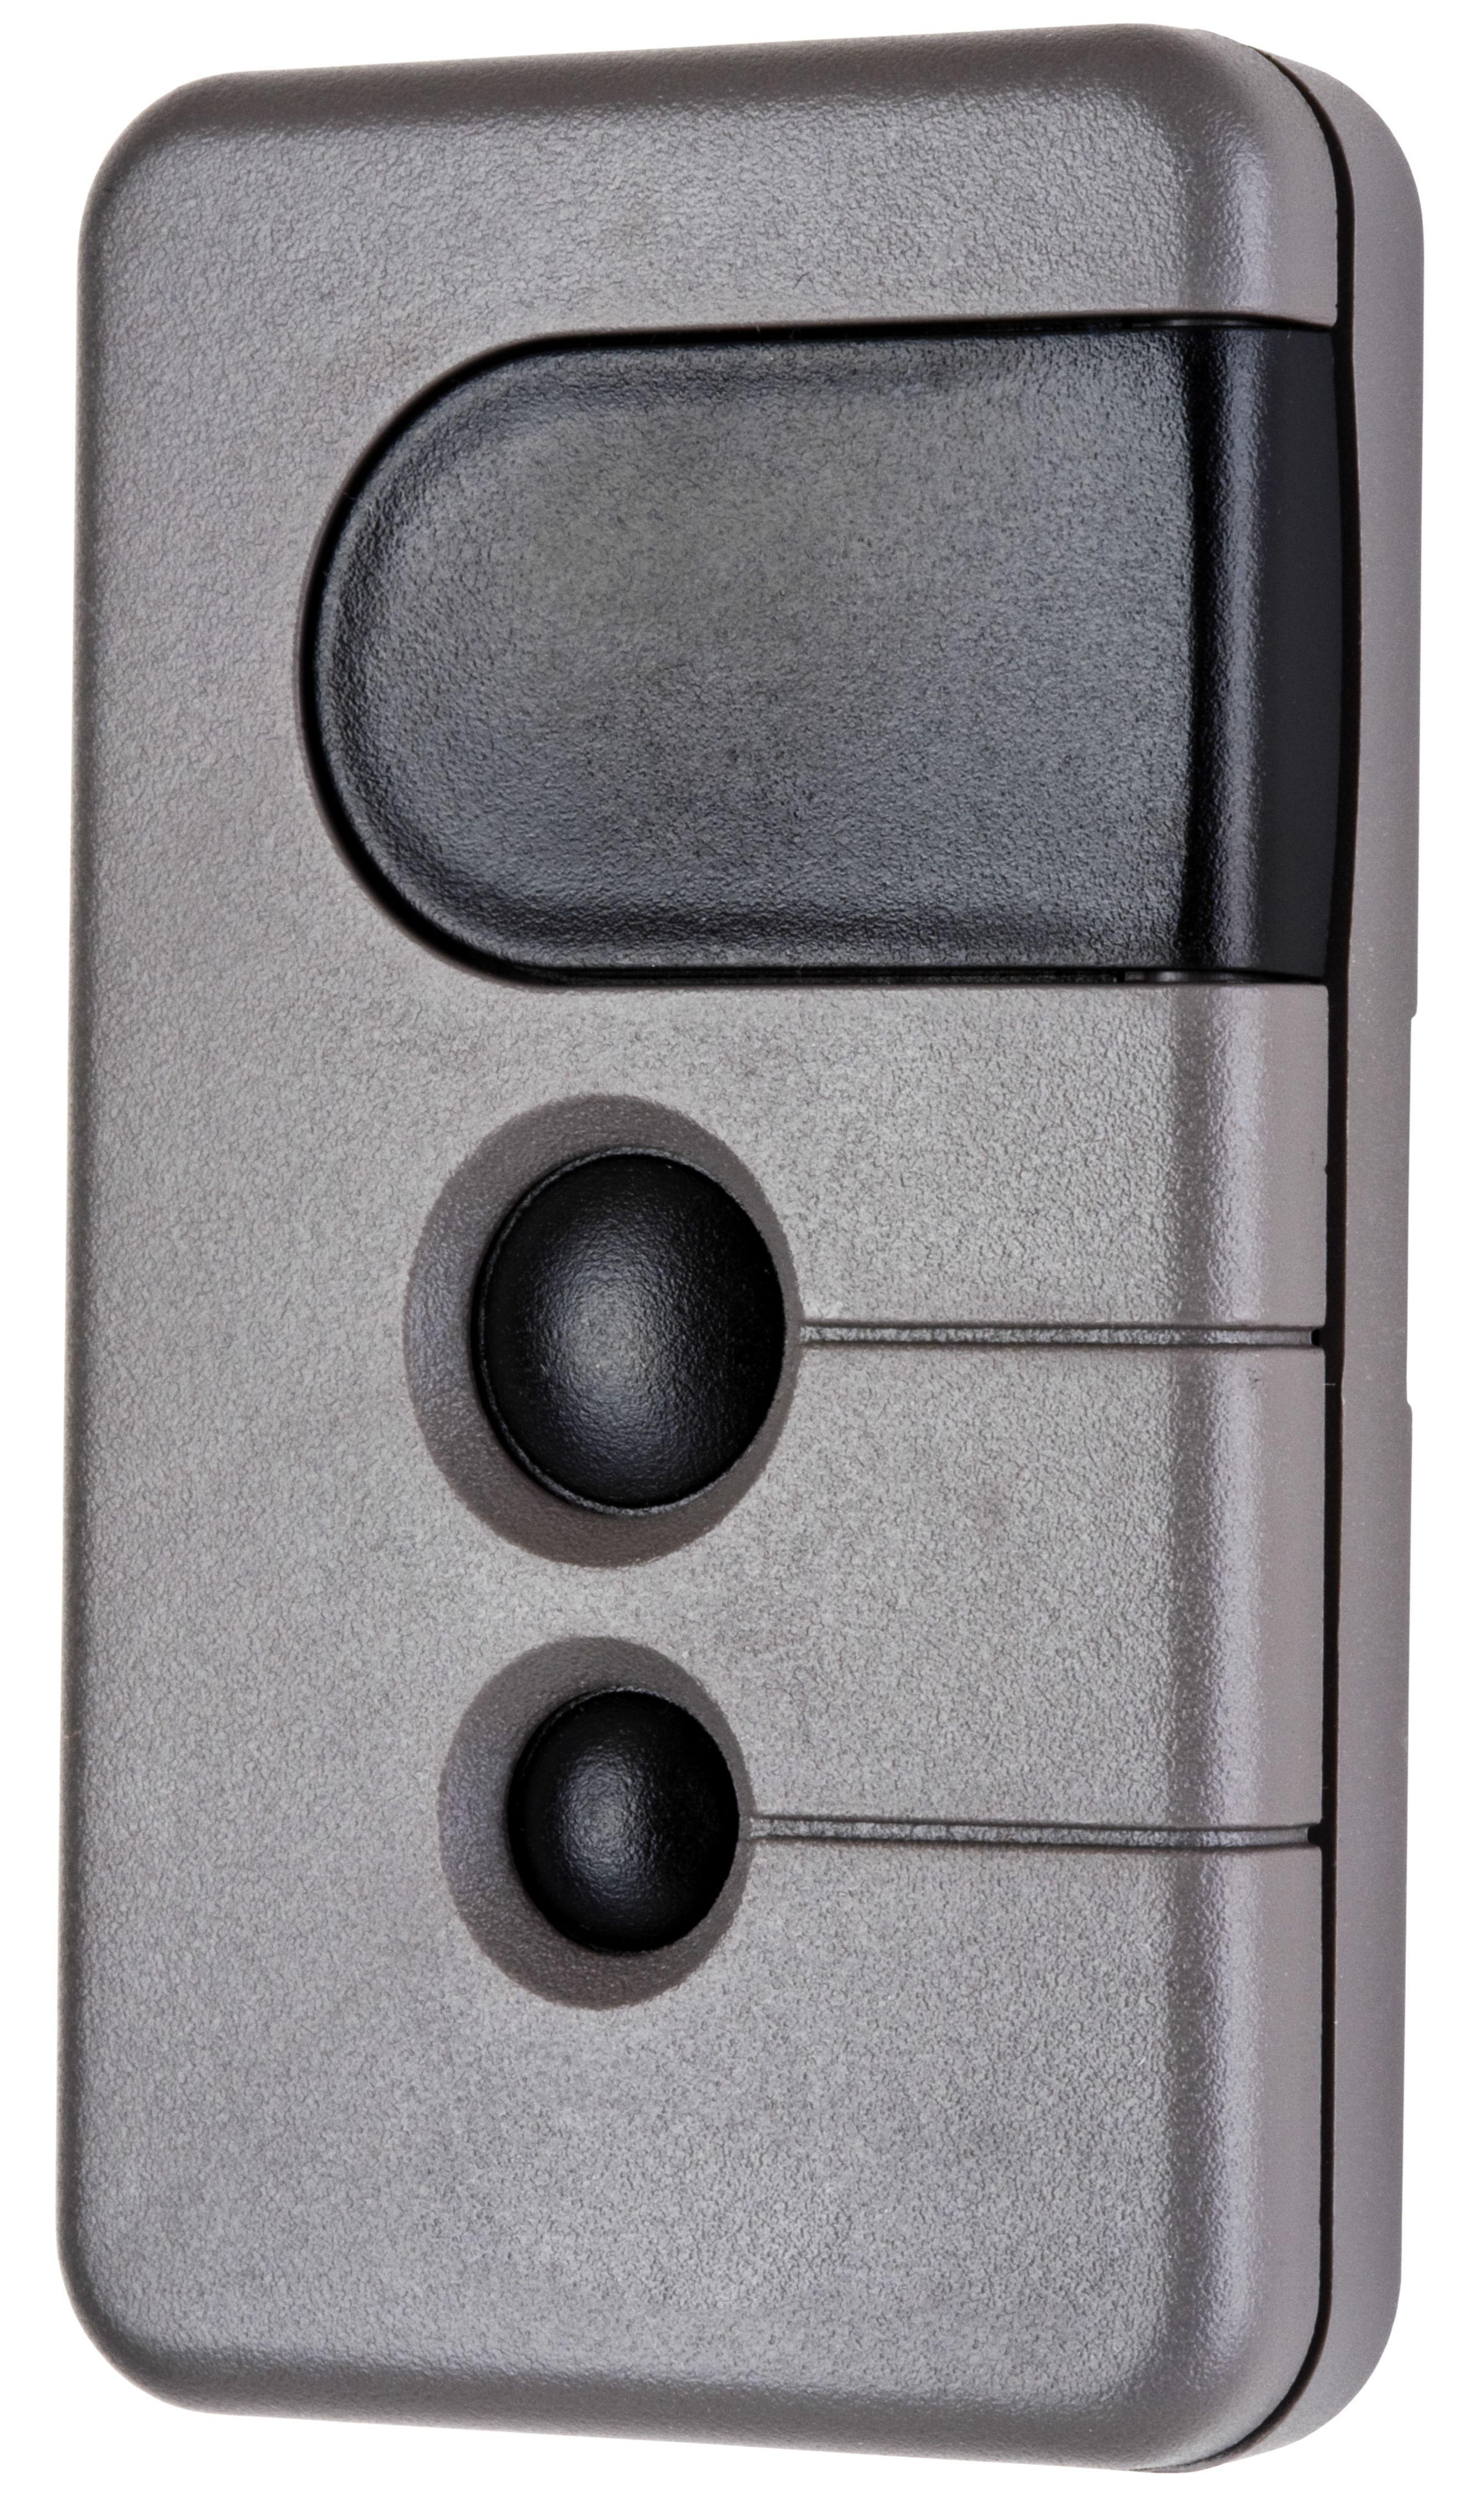 Need a new garage door opener remote? The Clicker is cost effective ...